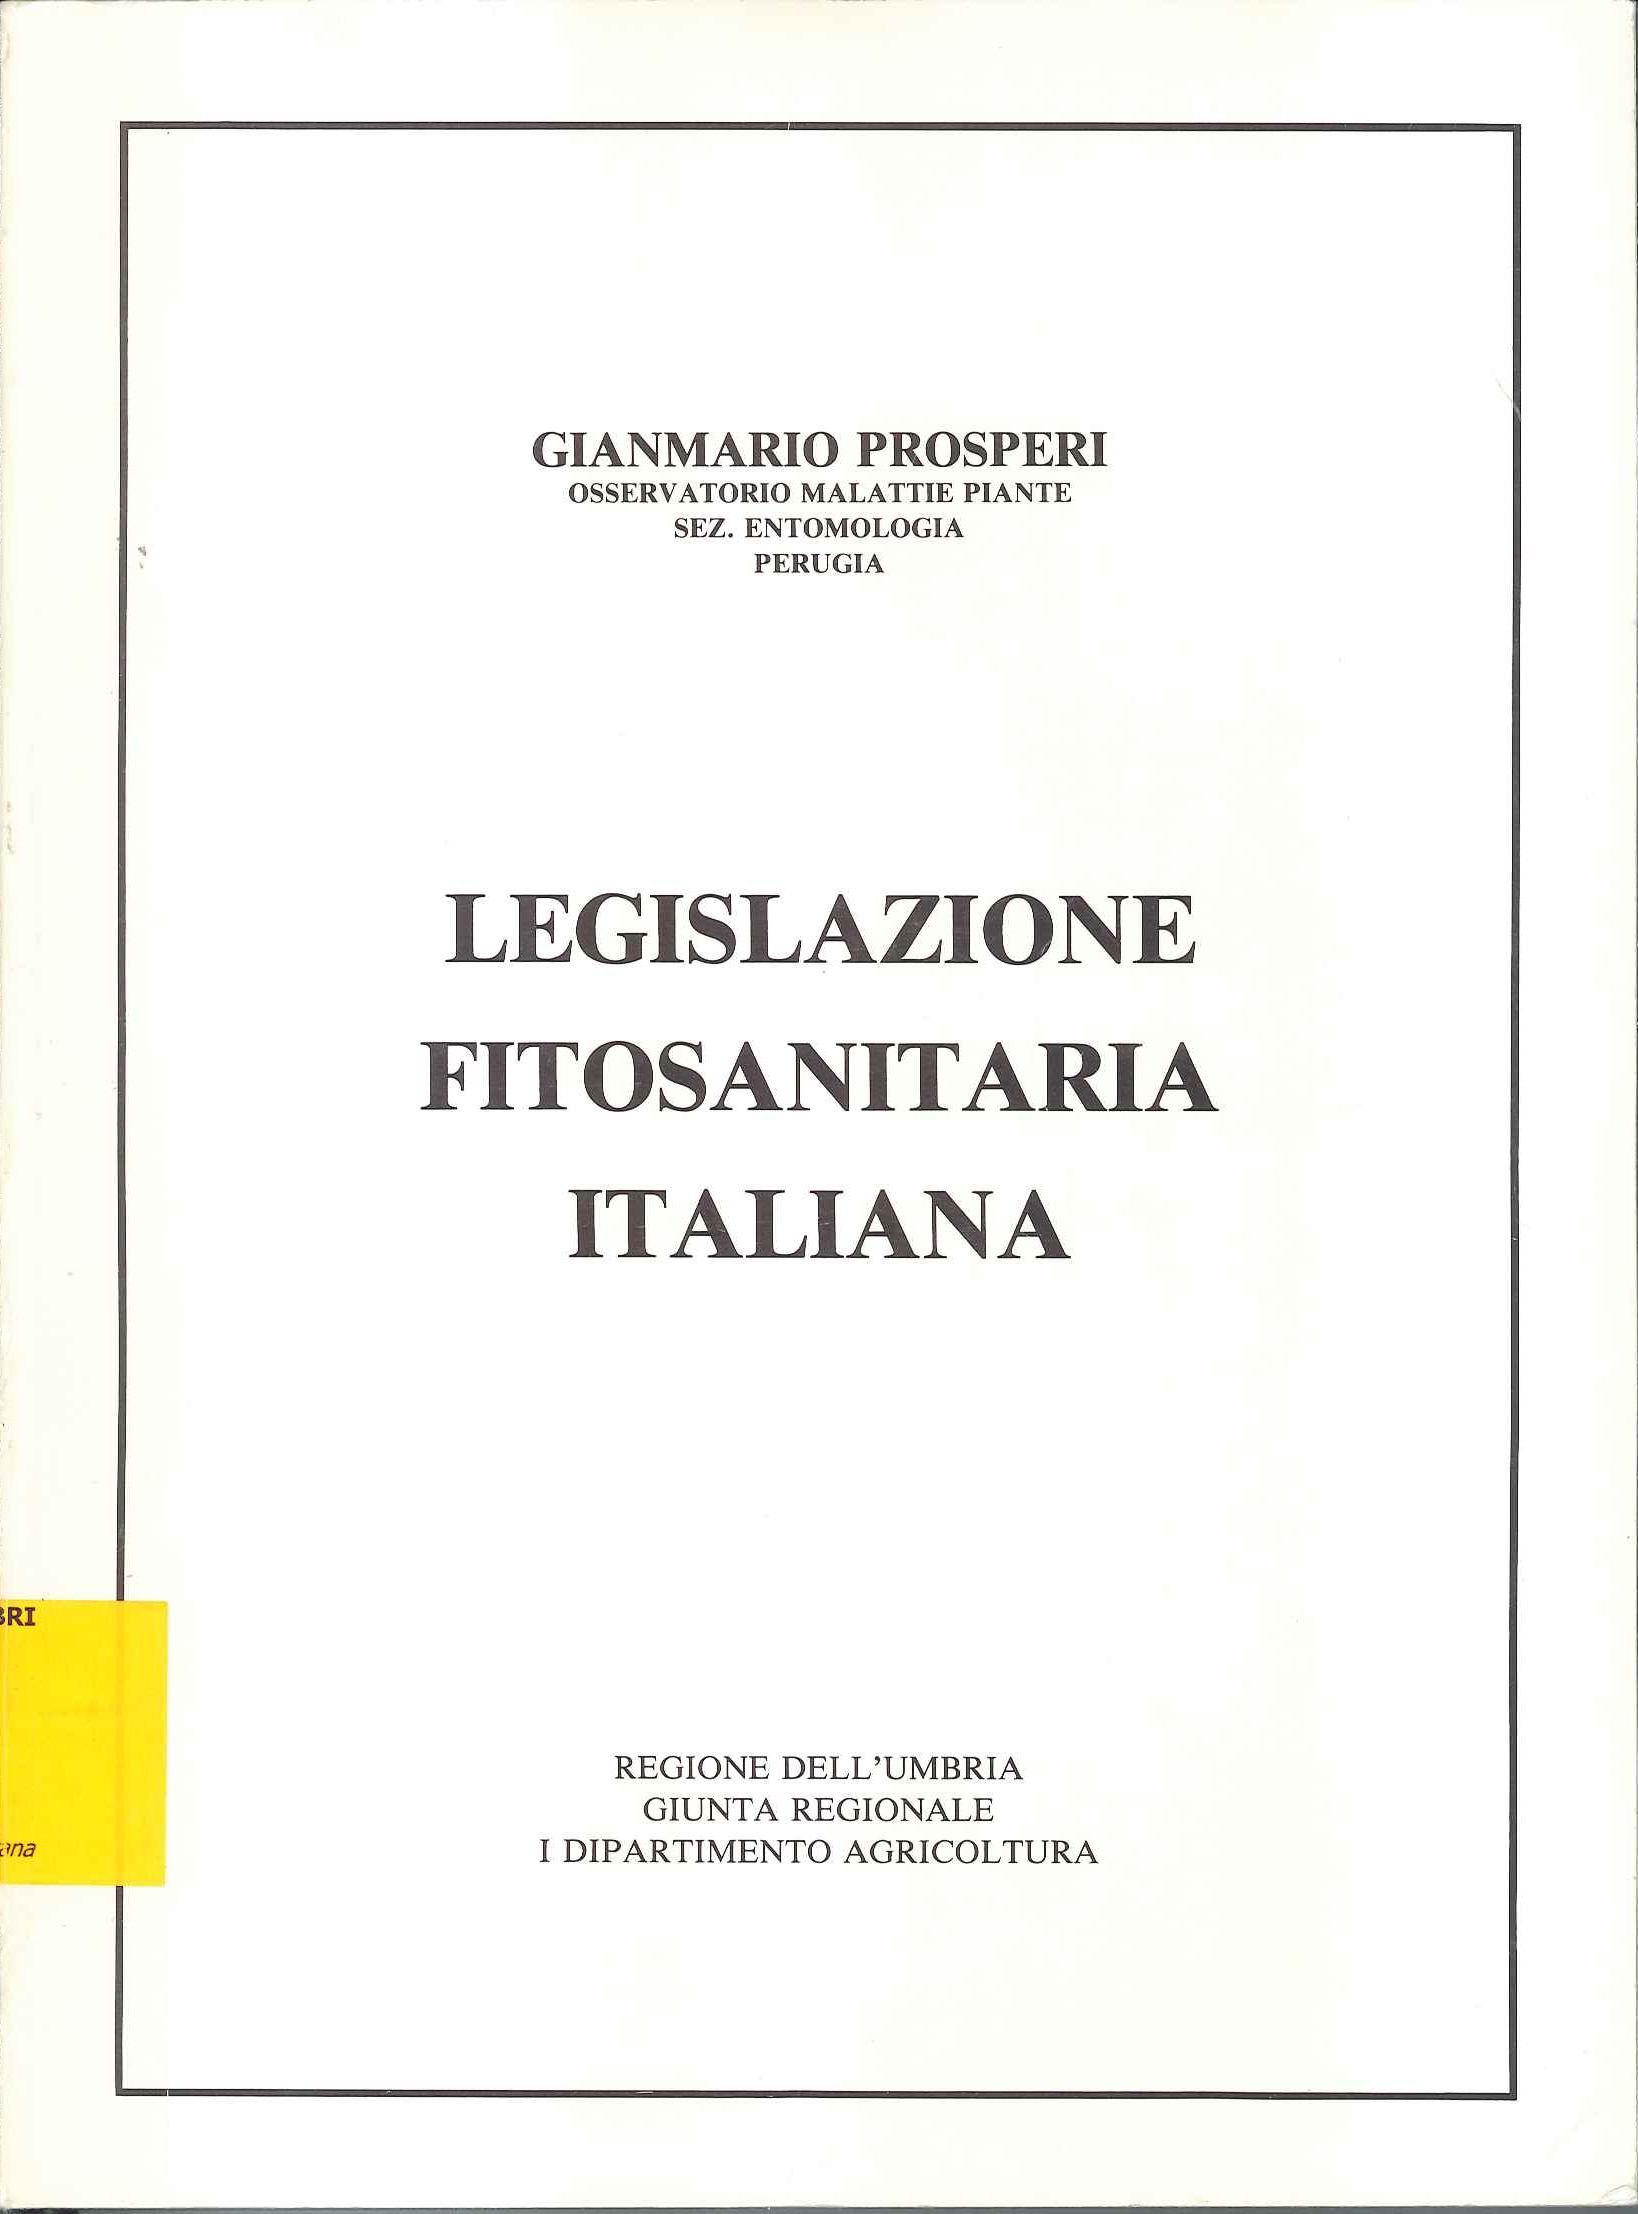 Legislazione fitosanitaria italiana